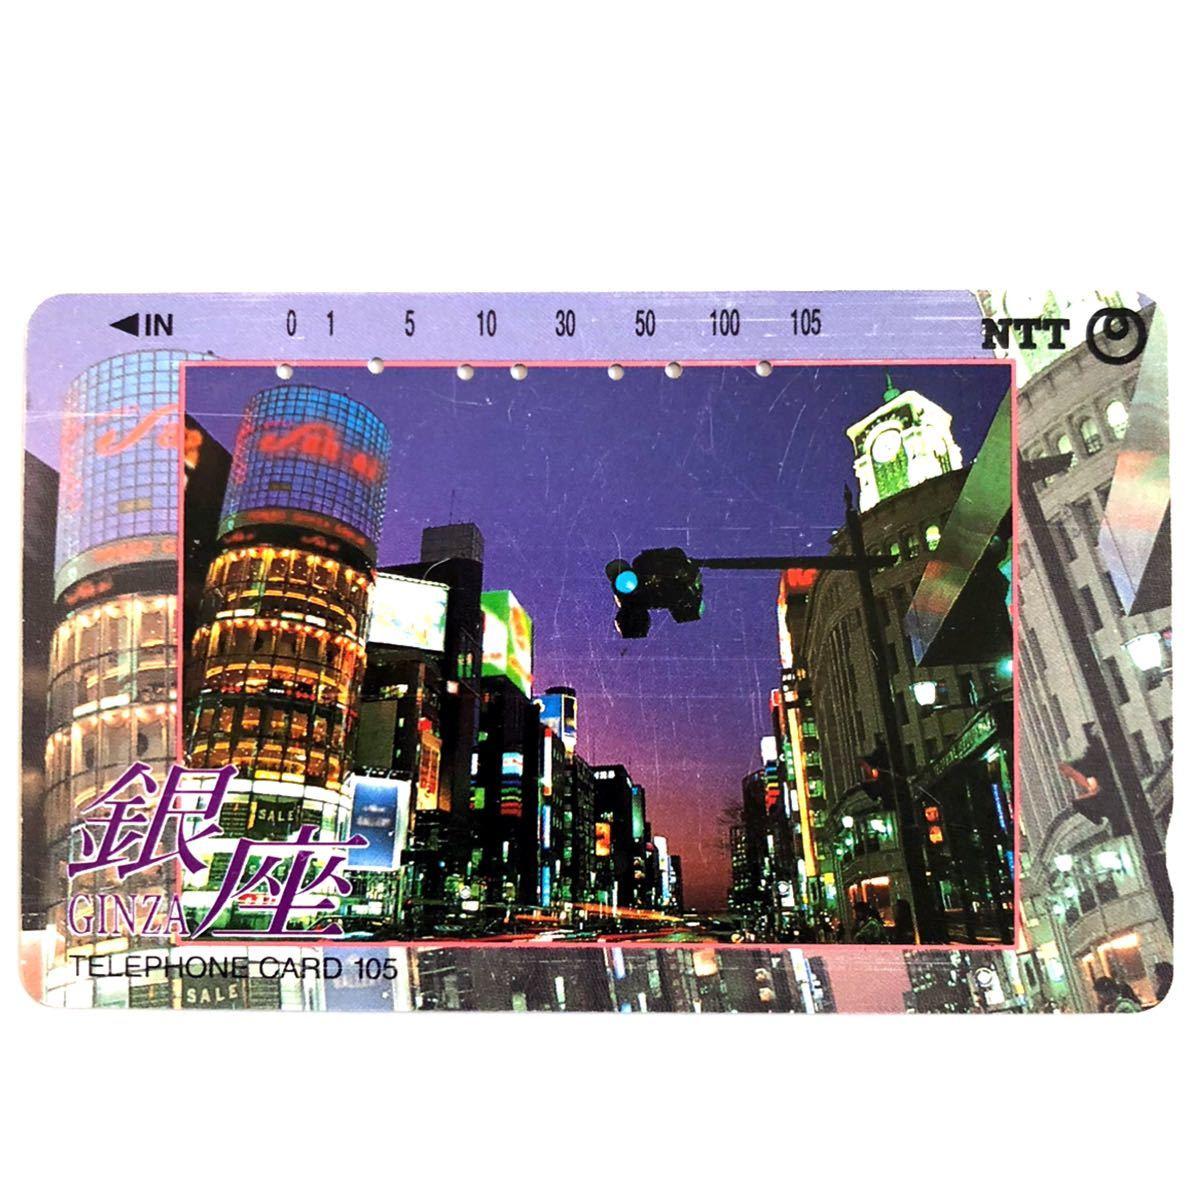 【使用済み・度数0・テレホンカード】 風景『銀座』 1994年 同梱可 テレカ_画像1